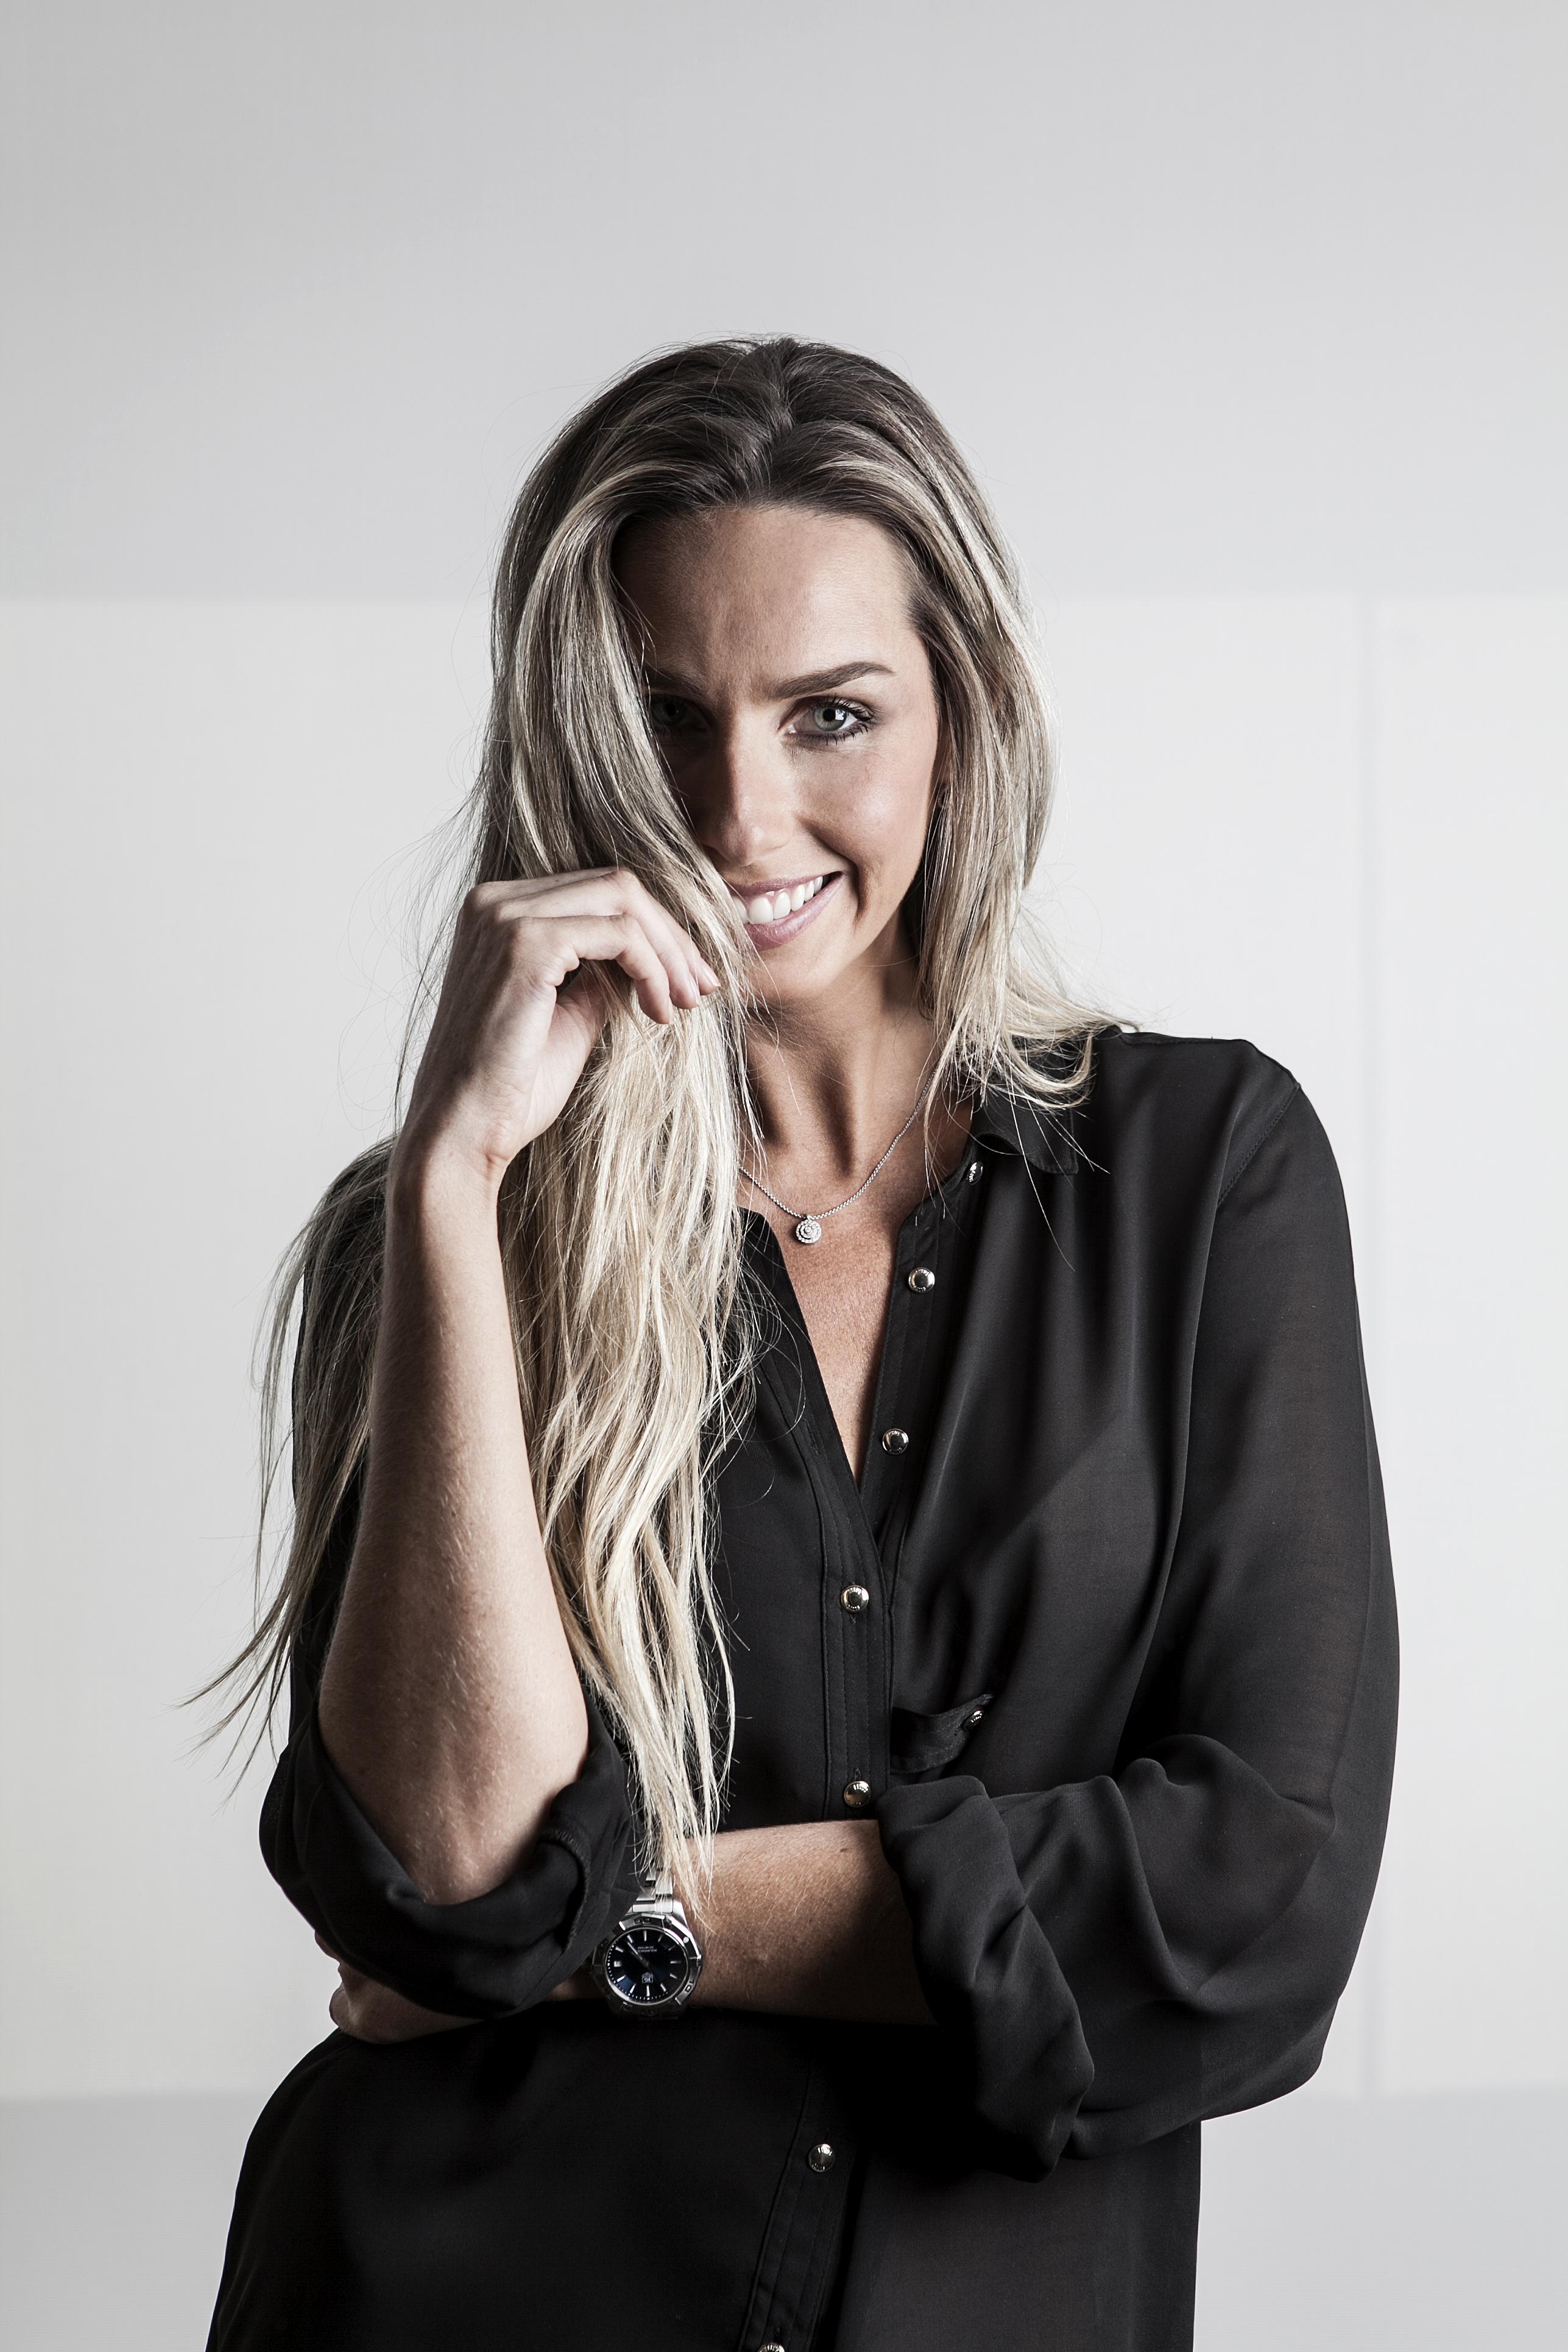 Get Together com a modelo e apresentadora Mariana Weickert   678fcb8ba2